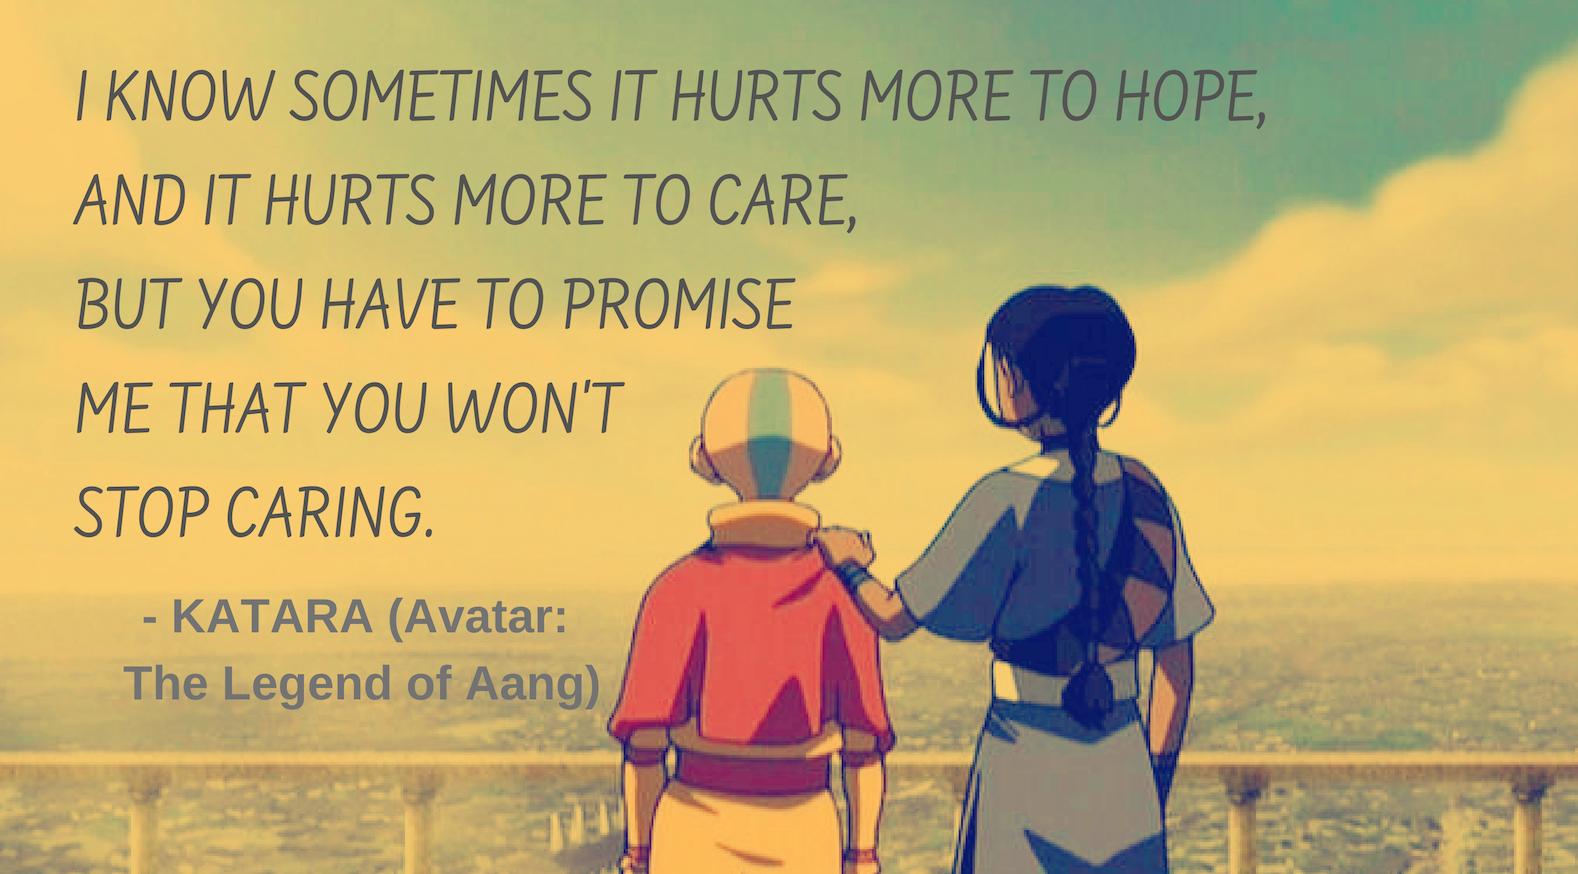 movie quote legend of aang 2